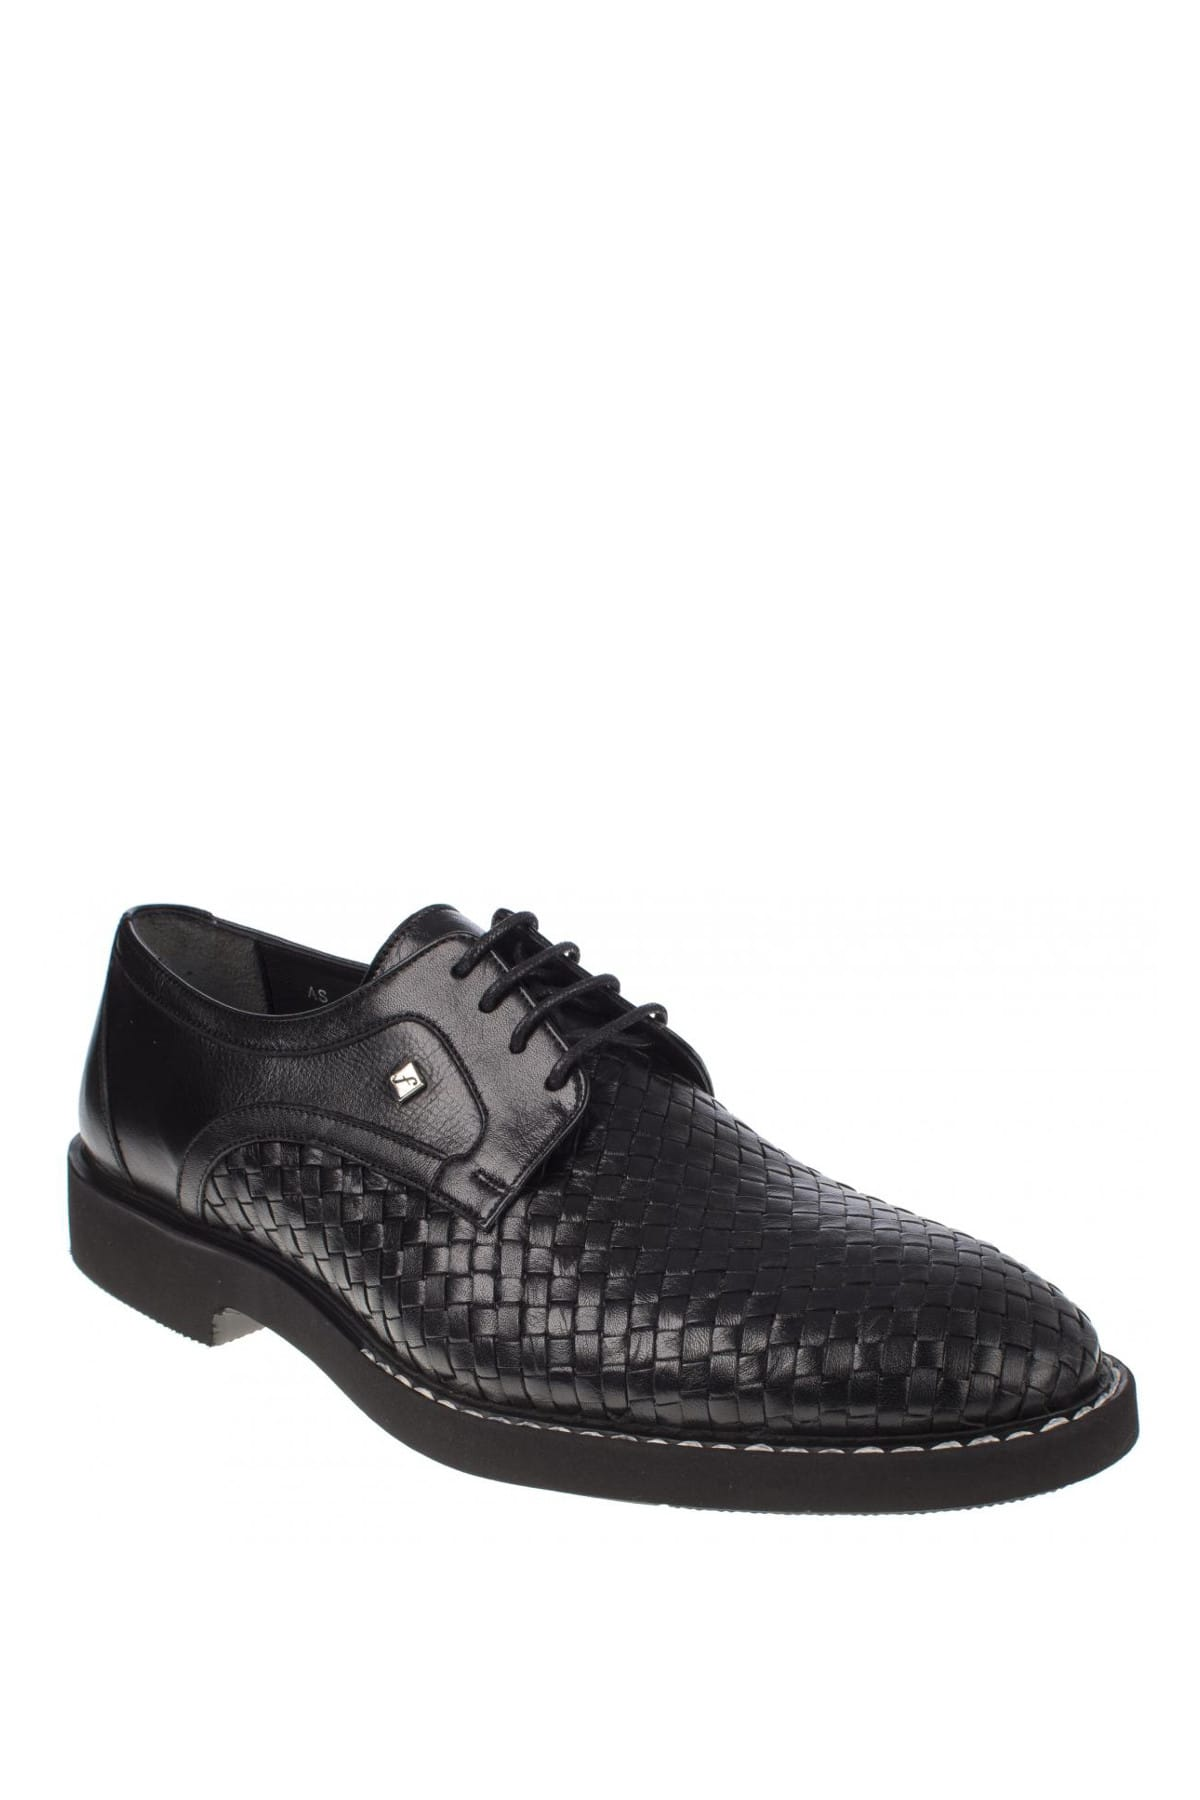 Fosco Hakiki Deri Siyah Erkek Ayakkabı 248 9036M 1